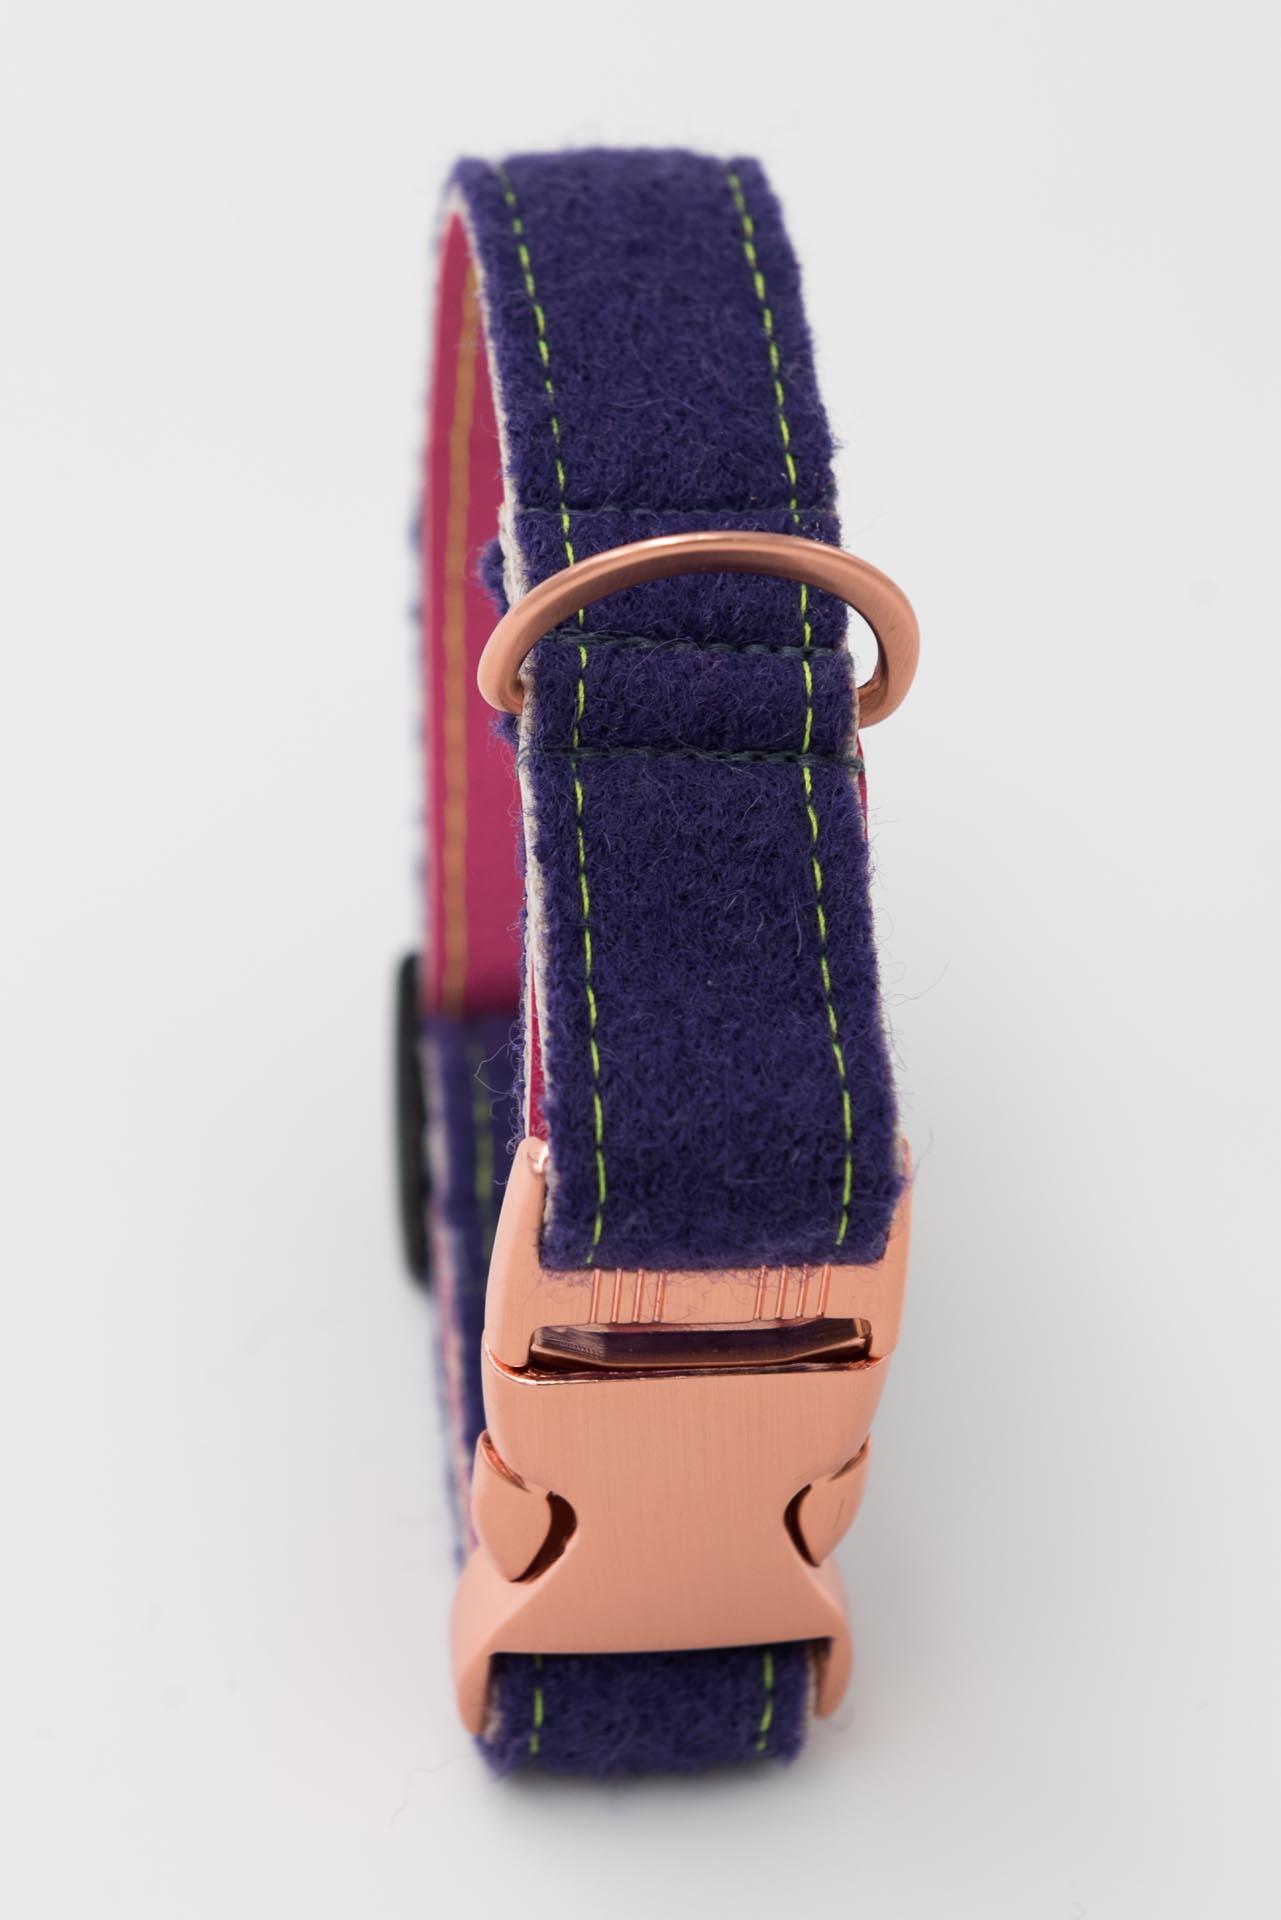 Hundehalsband-produkt-loden-kunstleder-lila-rosa